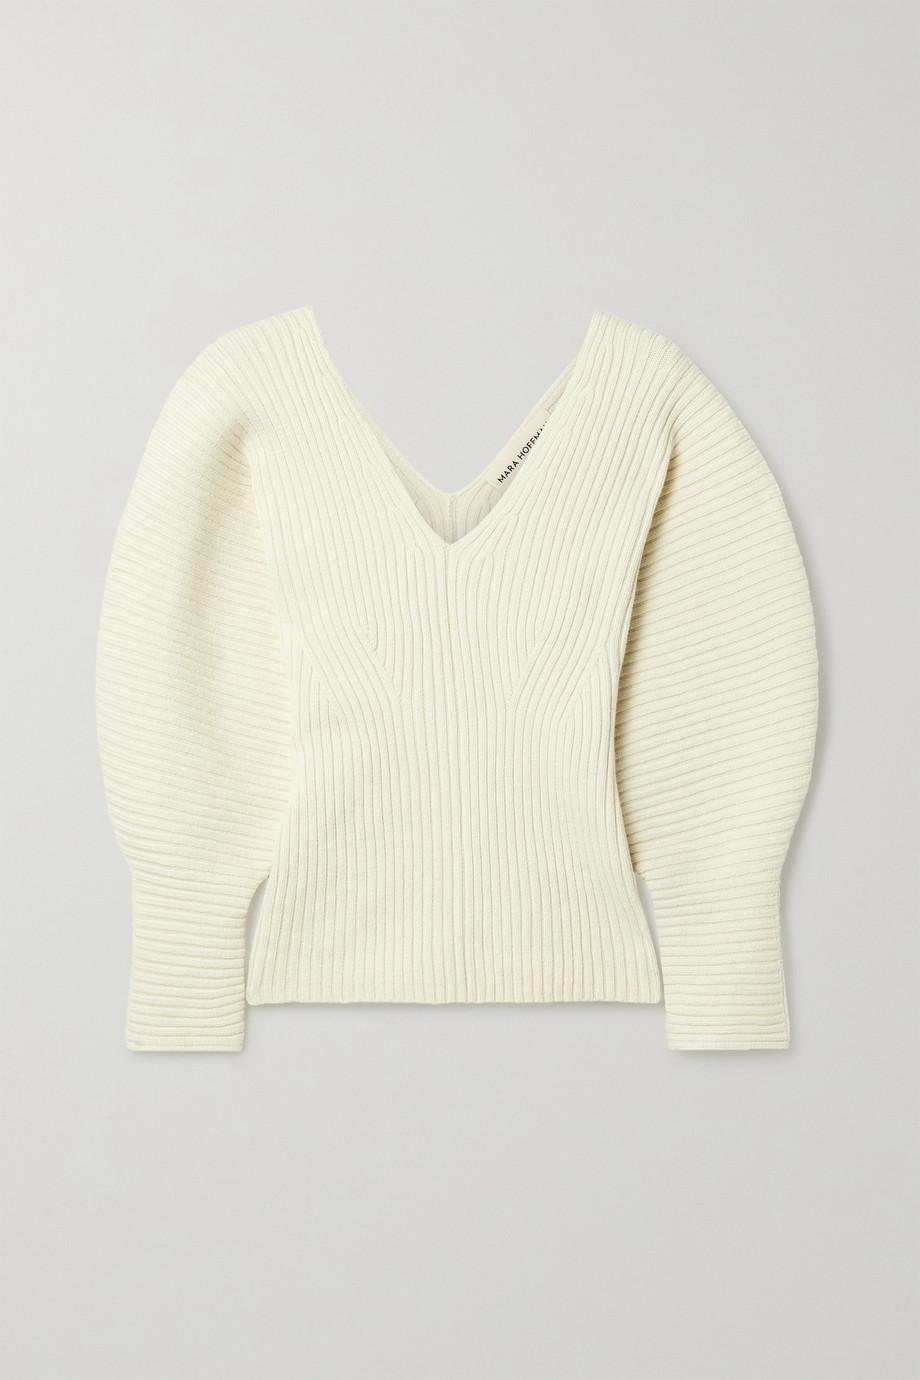 Mara Hoffman 【NET SUSTAIN】Olla 罗纹有机棉质混纺毛衣